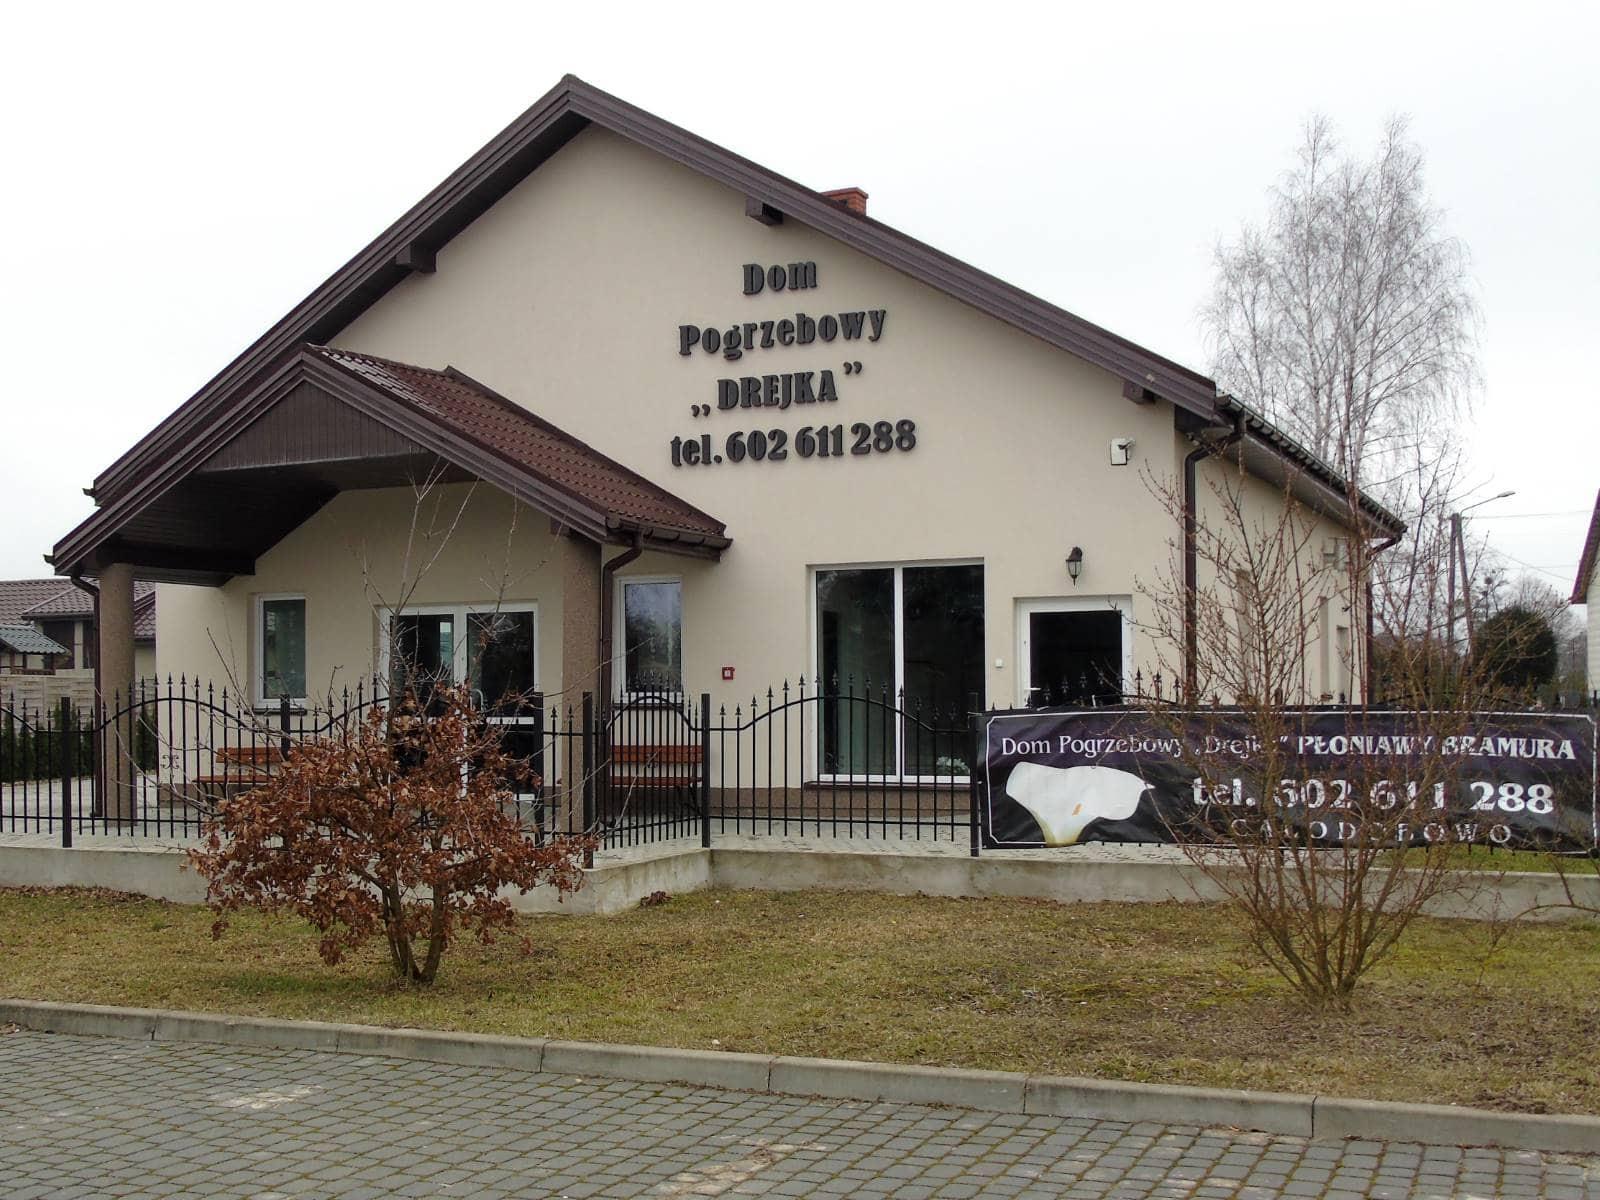 dom pogrzebowy płoniawy